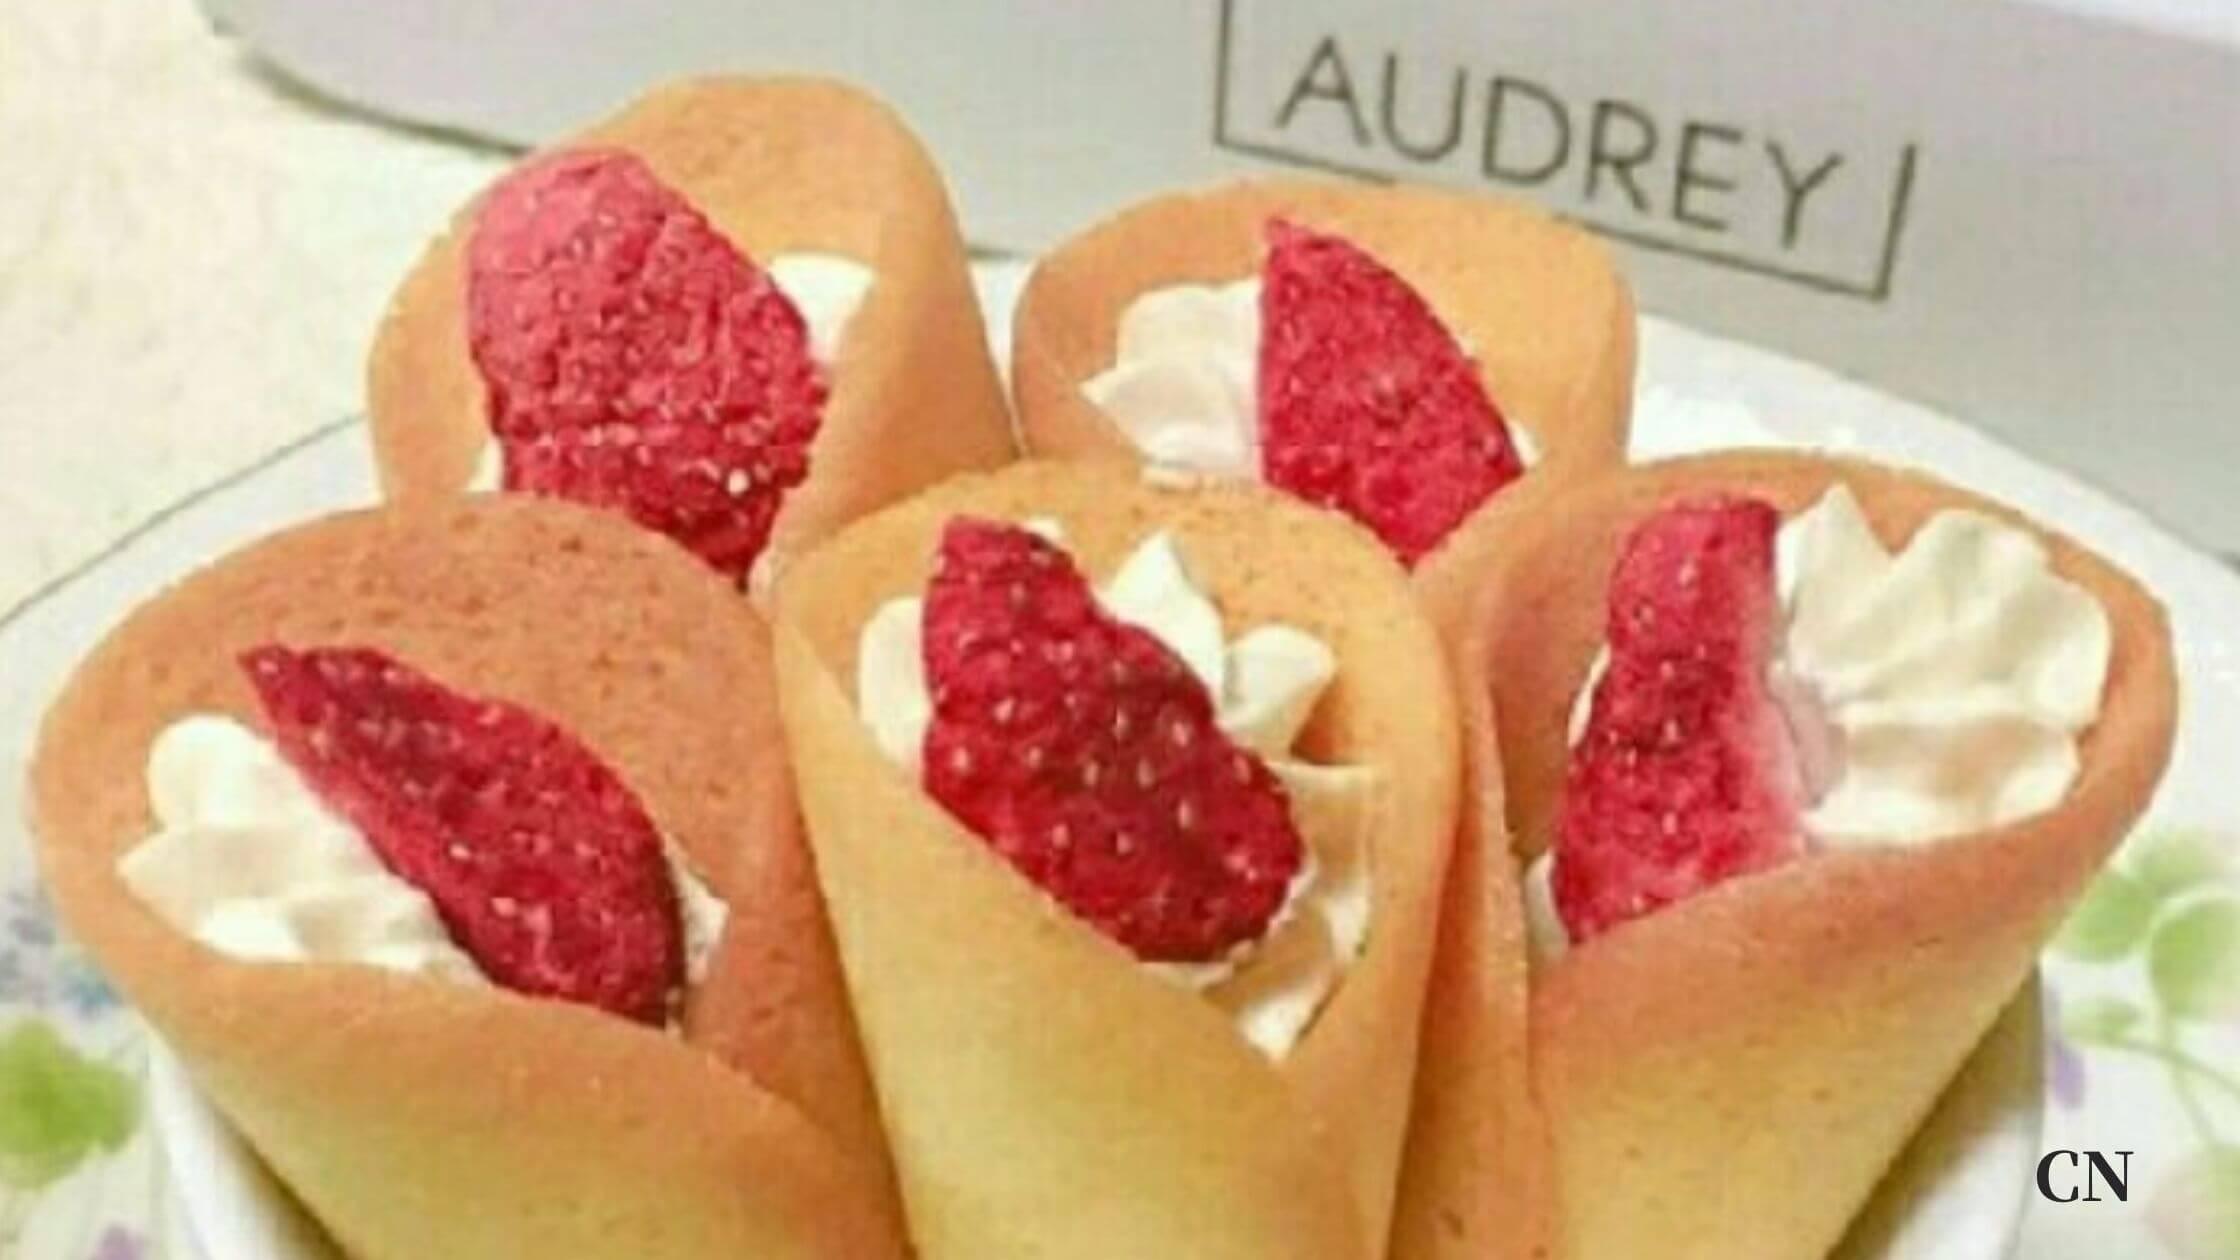 オードリーのお菓子は美味しくない?なぜ人気?食べた感想レビュー